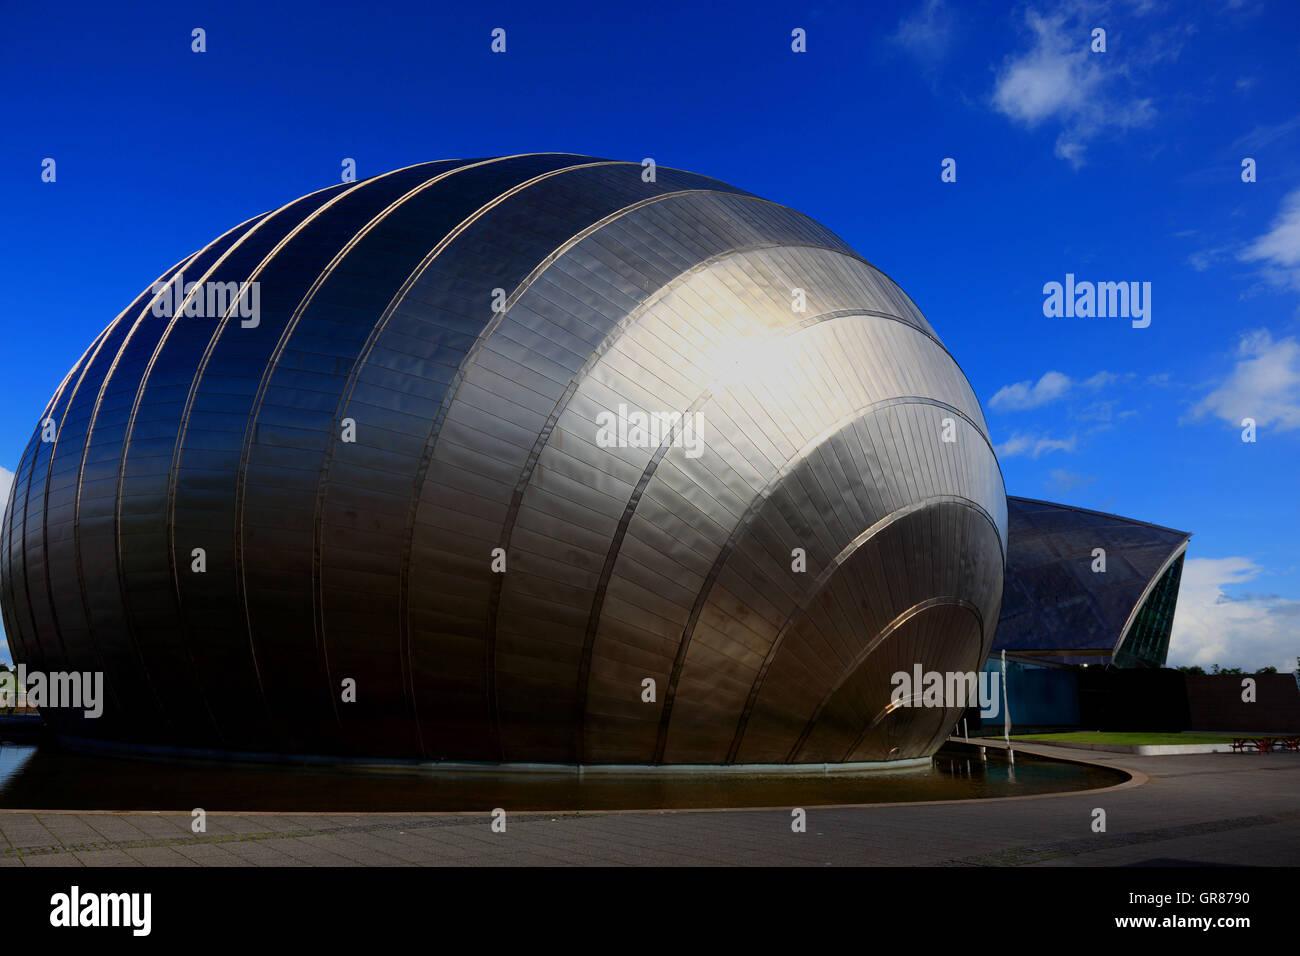 L'Écosse, la ville de Glasgow, le bâtiment du Centre des sciences, Imax, Centre des sciences Banque D'Images